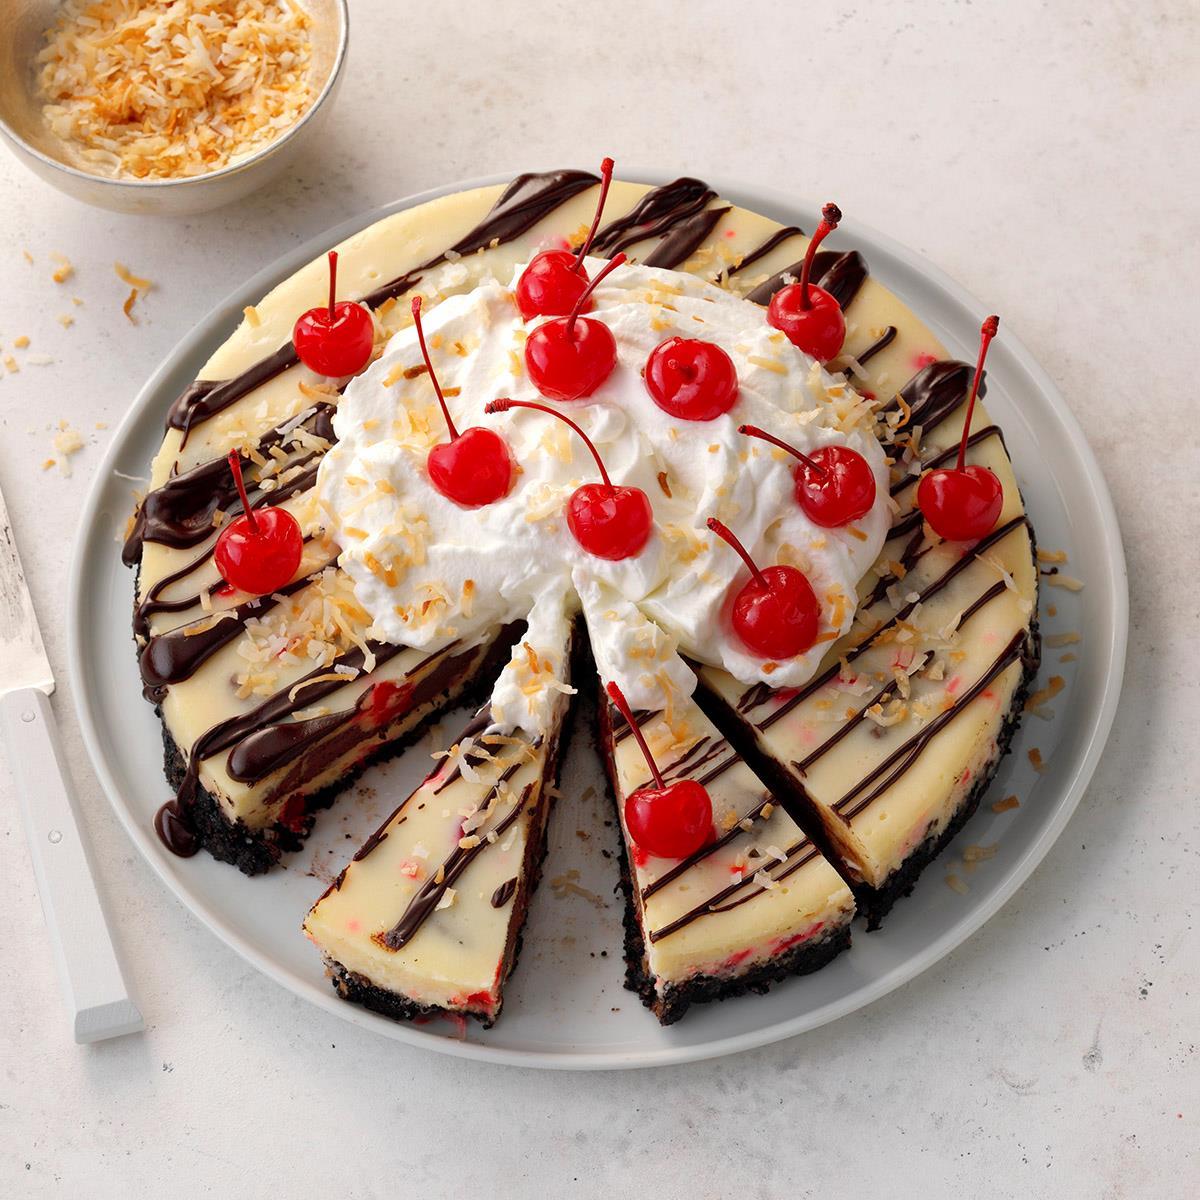 Cherry Fudge Truffle Coconut Cheesecake